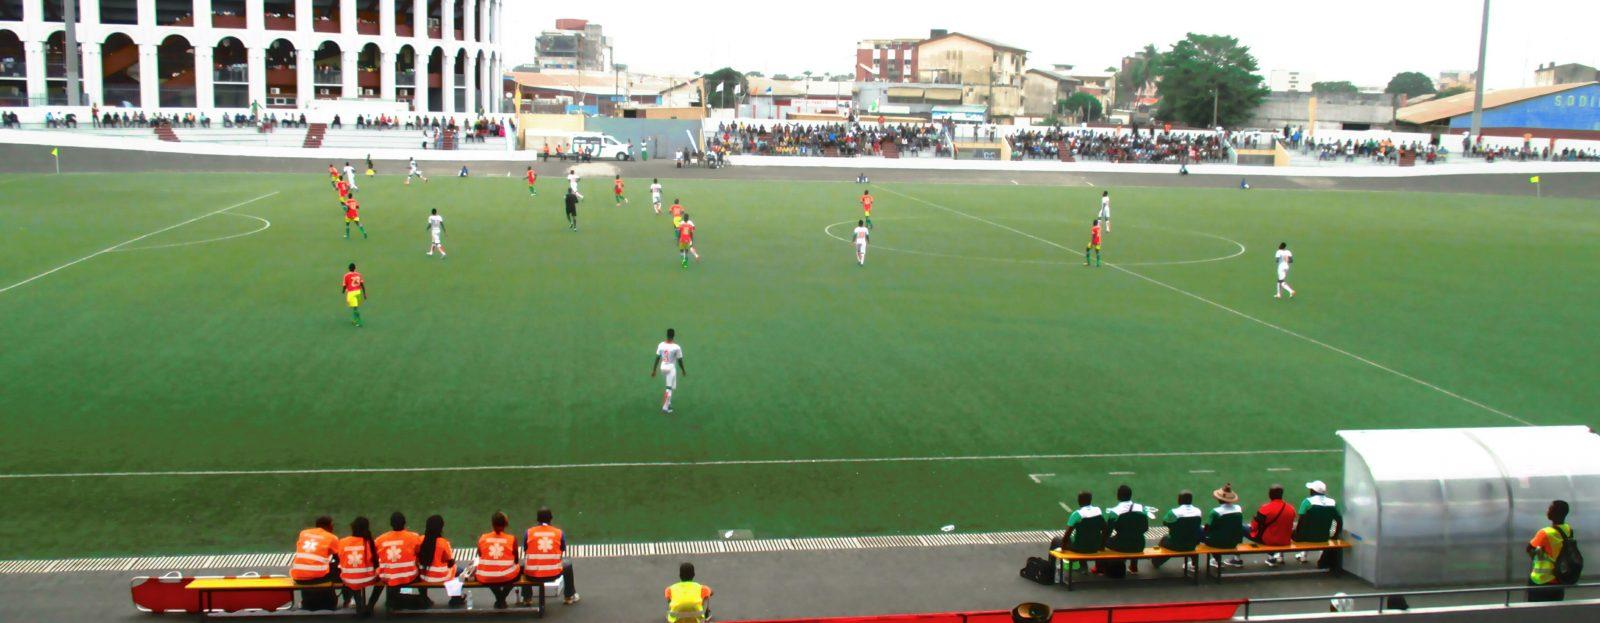 Football - Burkina Faso